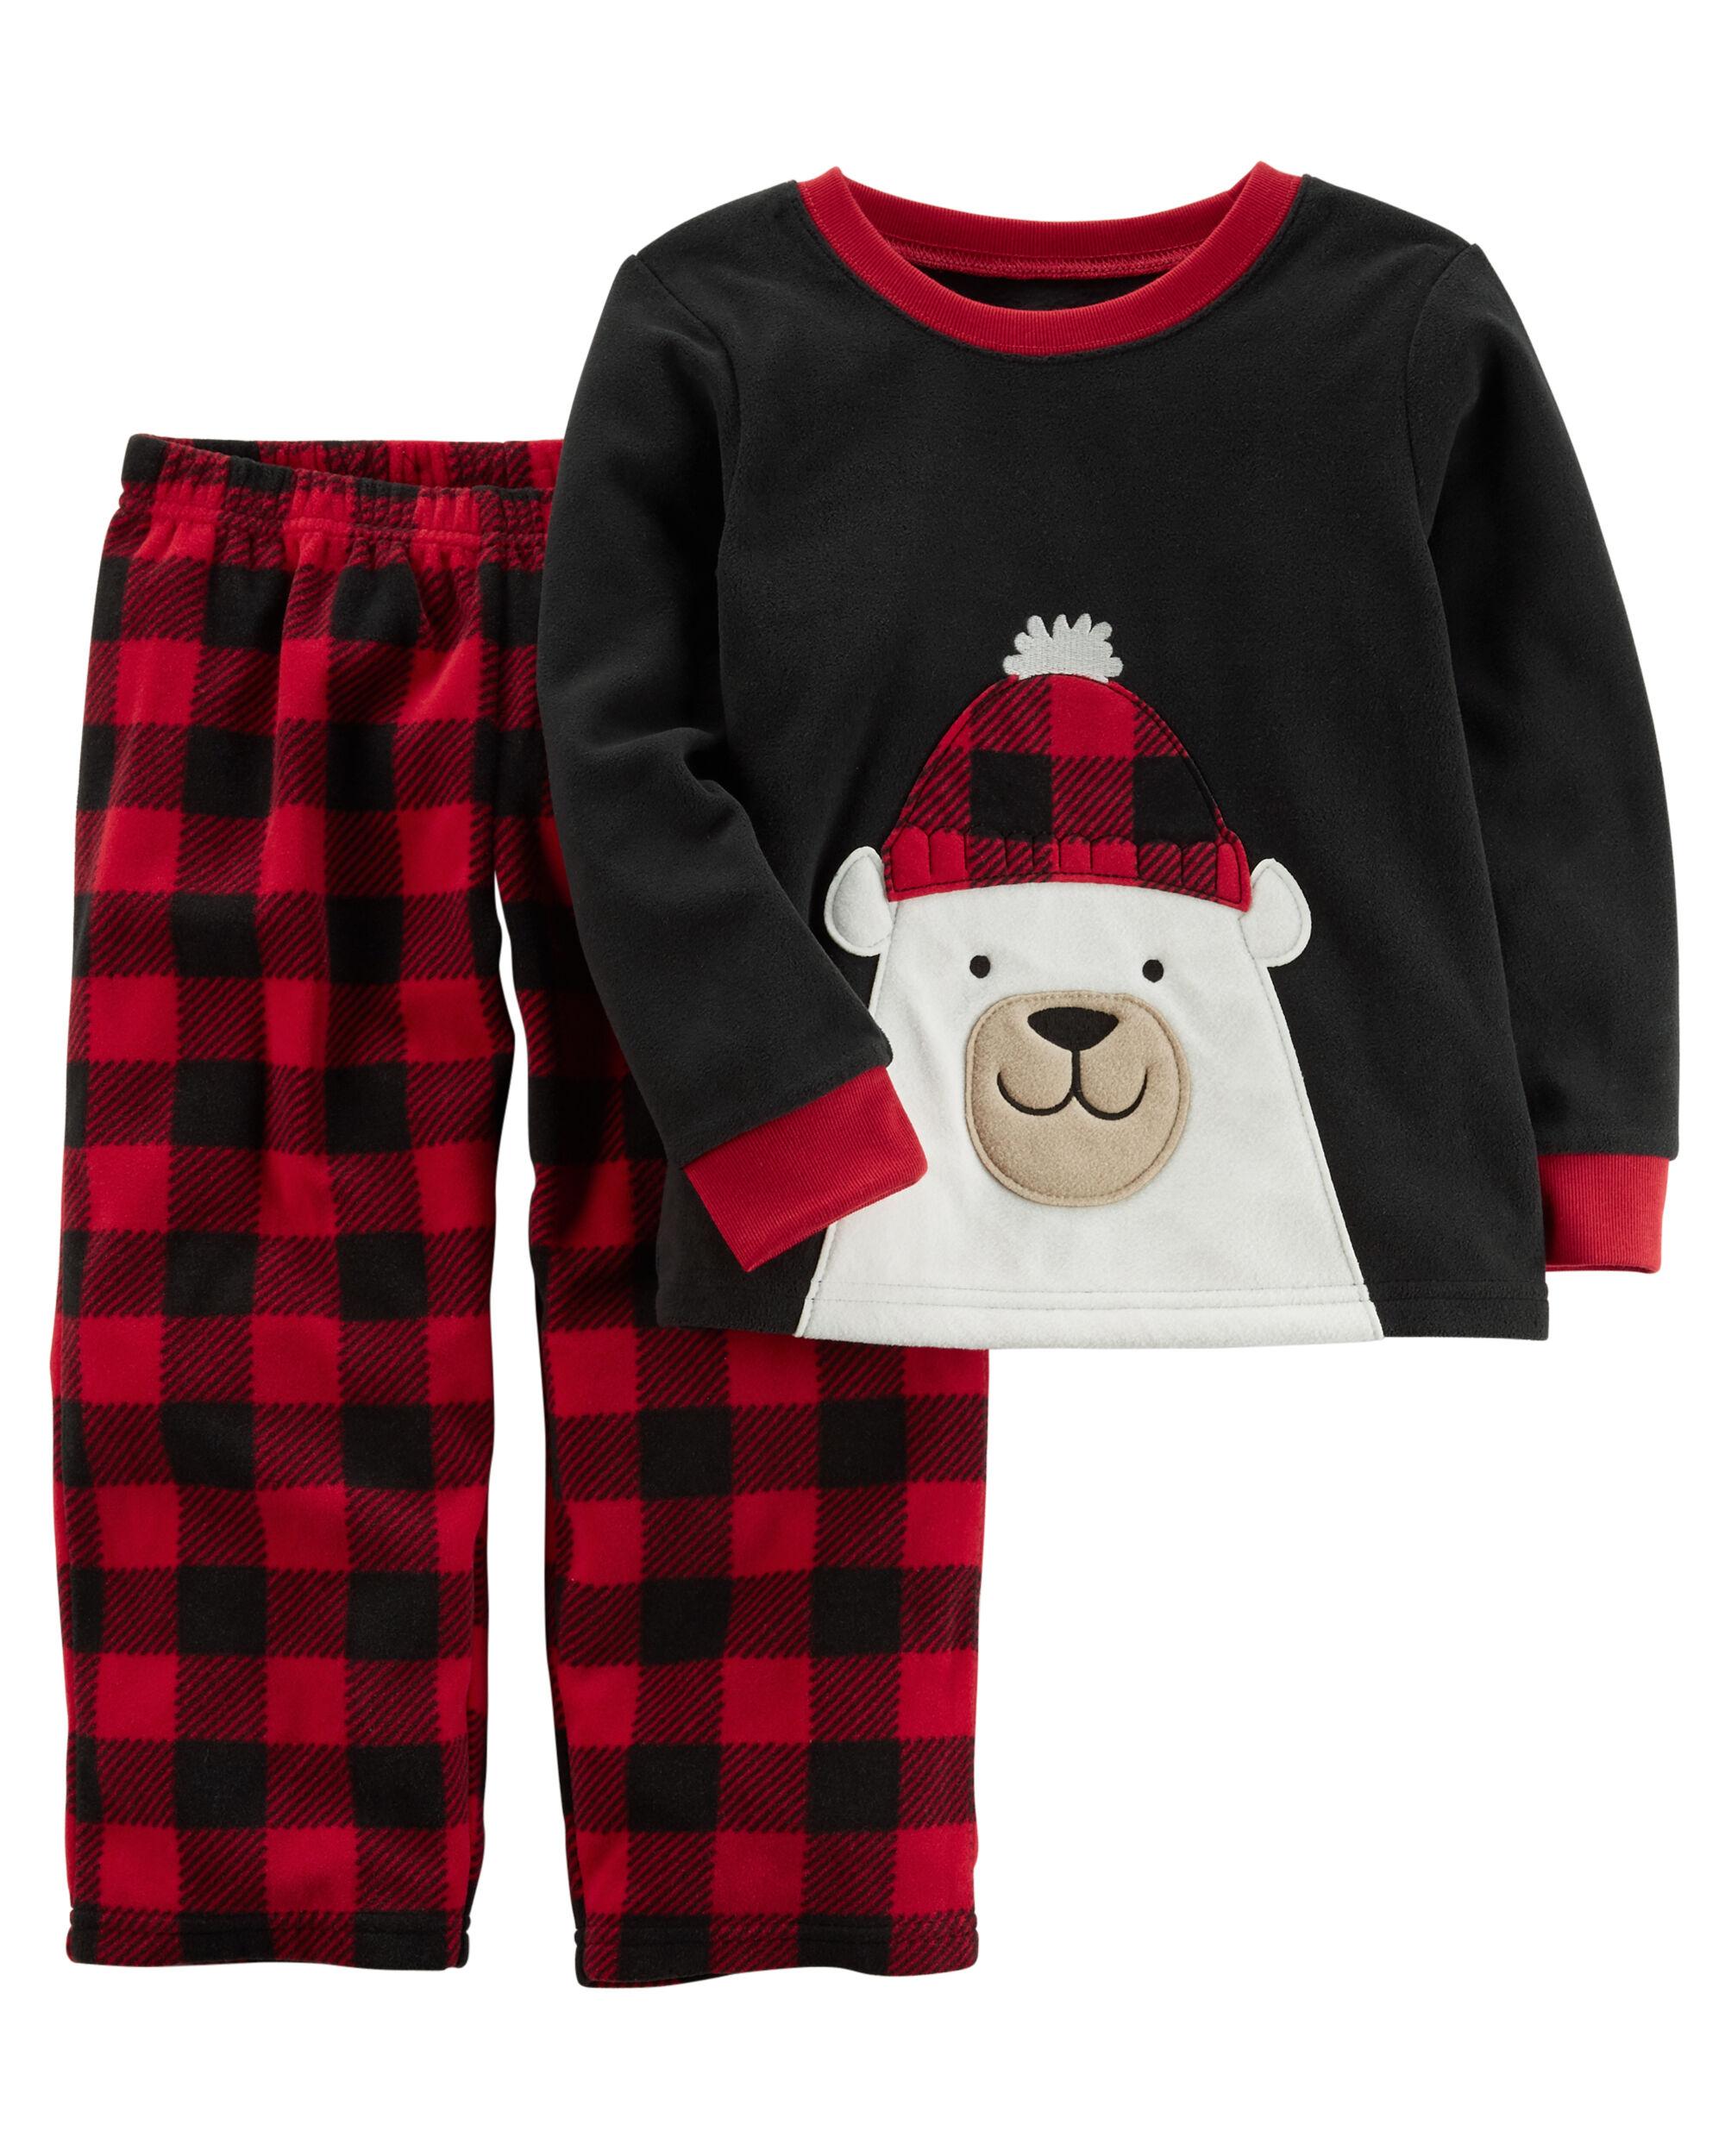 2 piece christmas fleece pjs loading zoom - Christmas Fleece